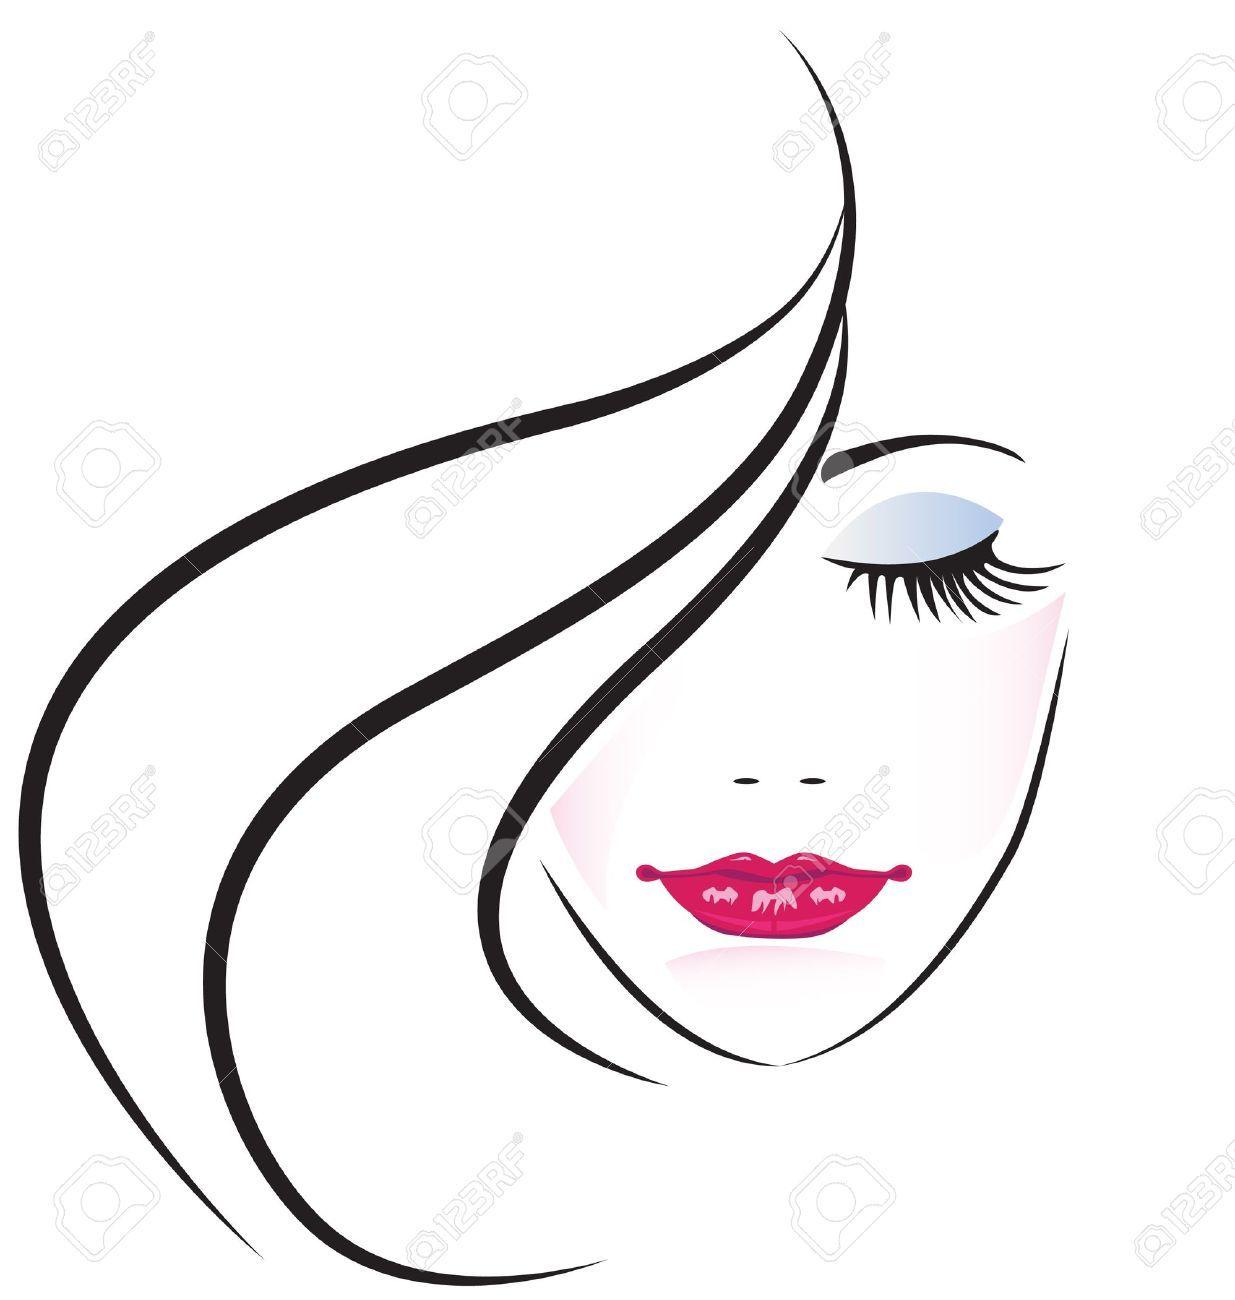 Rostro De Mujer Bonita Silueta Silueta De Mujer Rostro De Mujer Dibujo Silueta De Mujer Dibujo